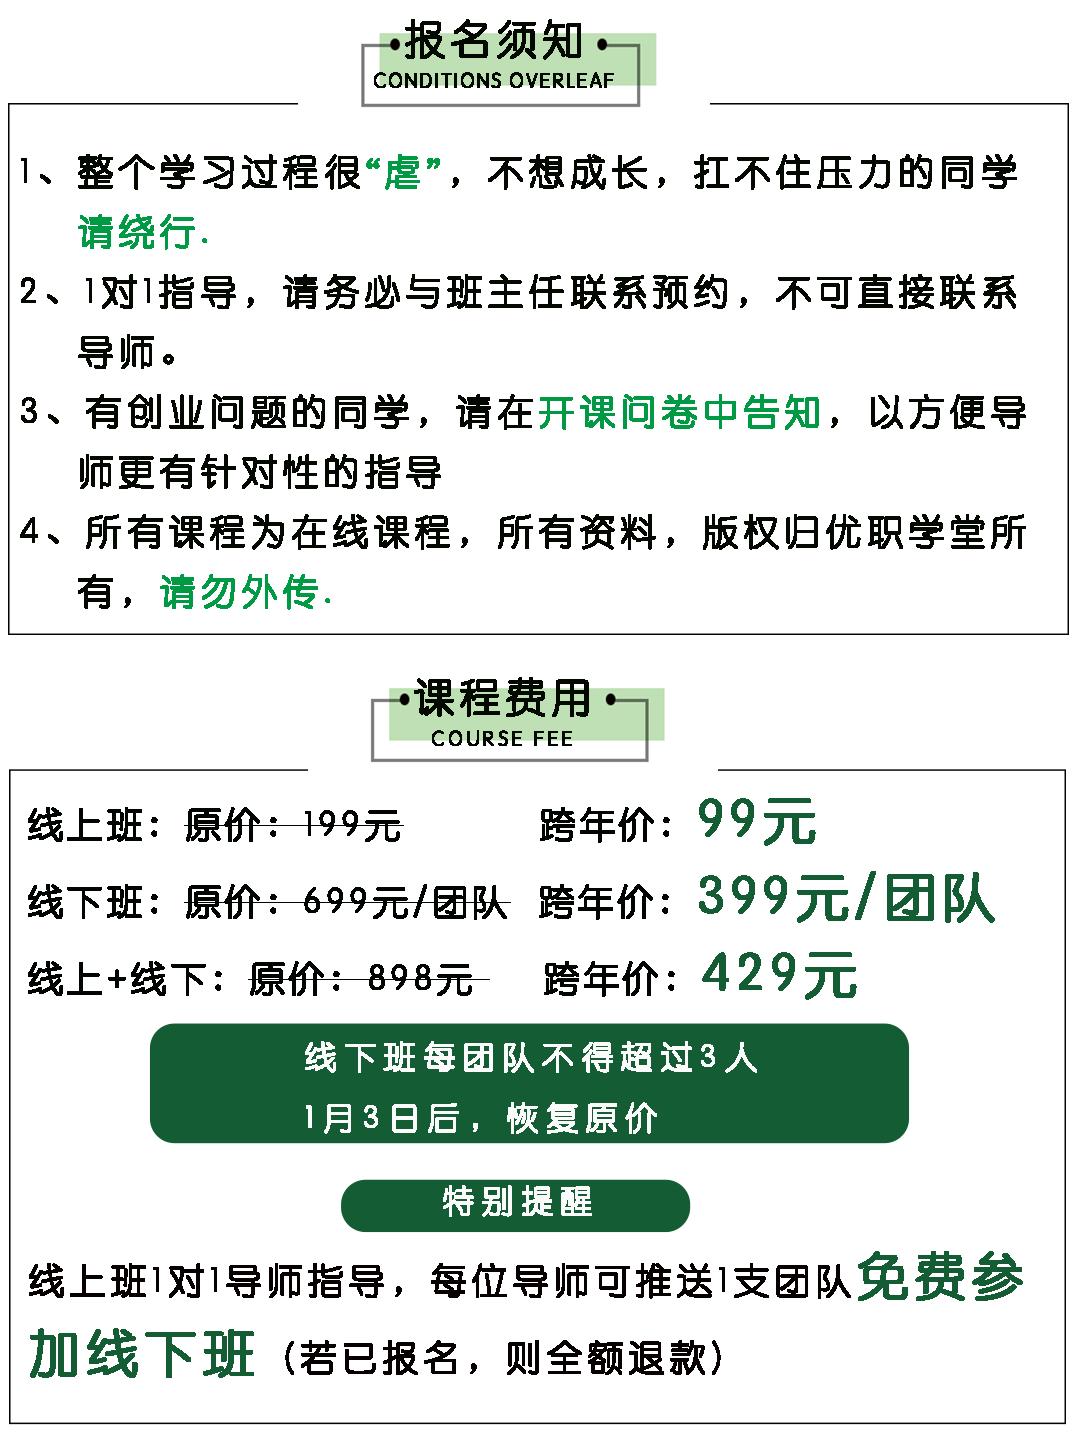 7(报名须知+课程费用).png